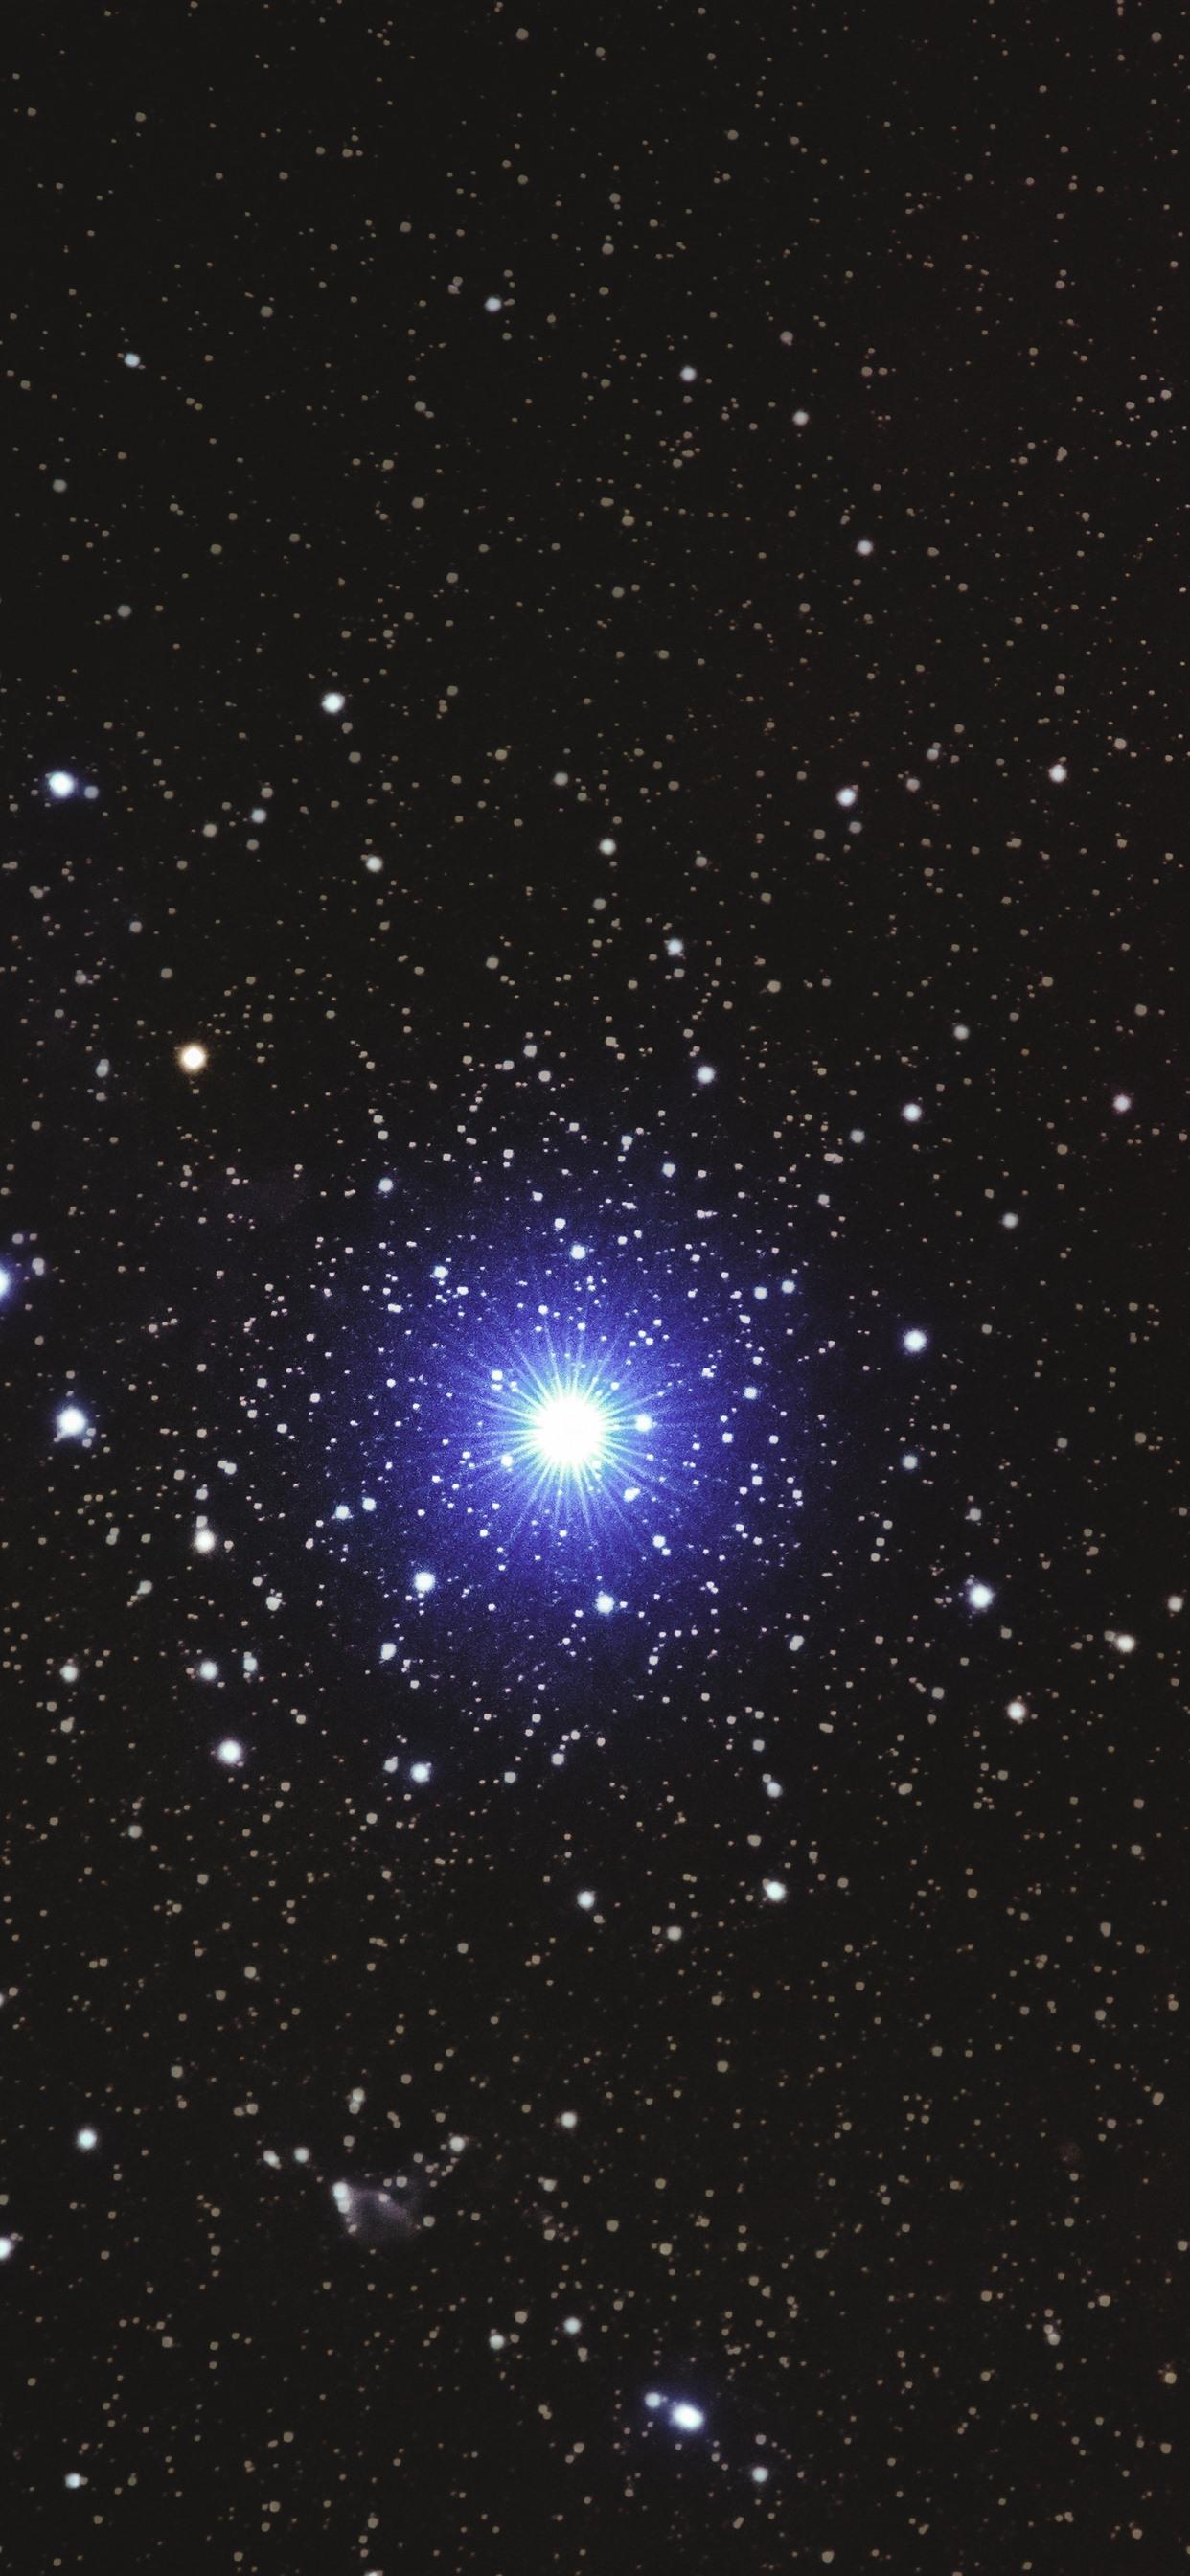 Galaxy Stars Space 1242x2688 Iphone 11 Pro Xs Max Wallpaper